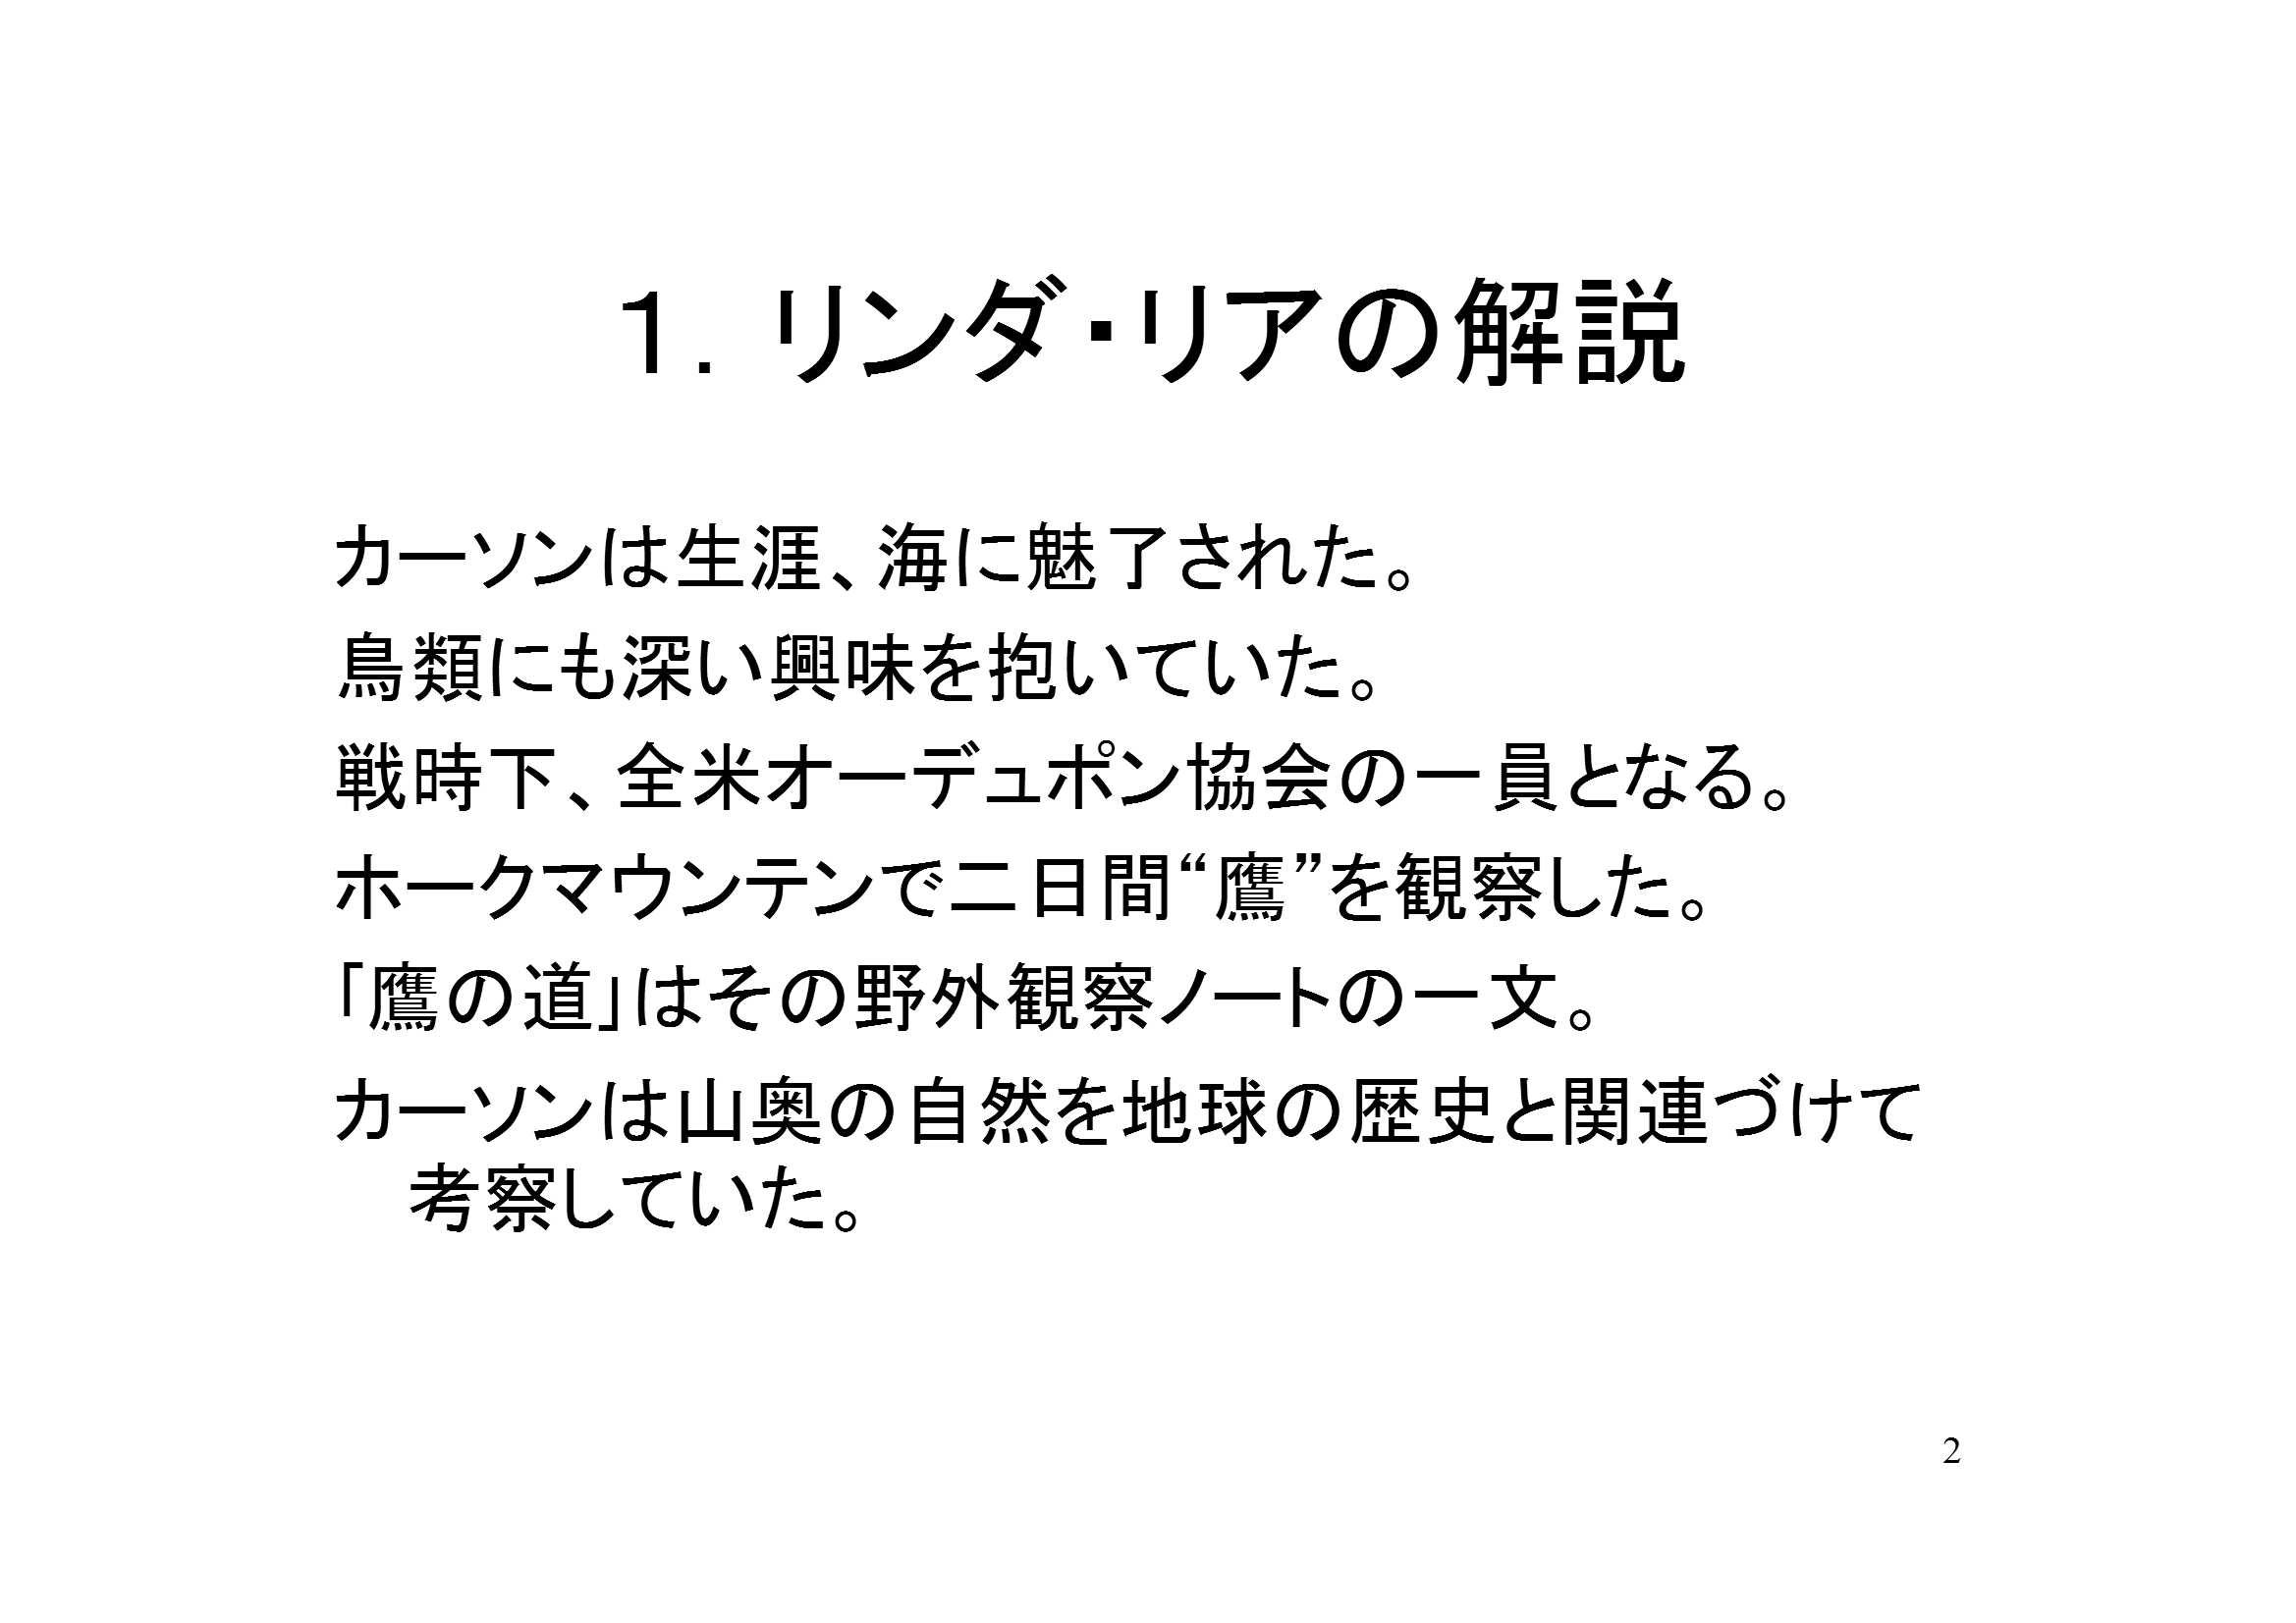 5鷹の道 [互換モード]-02